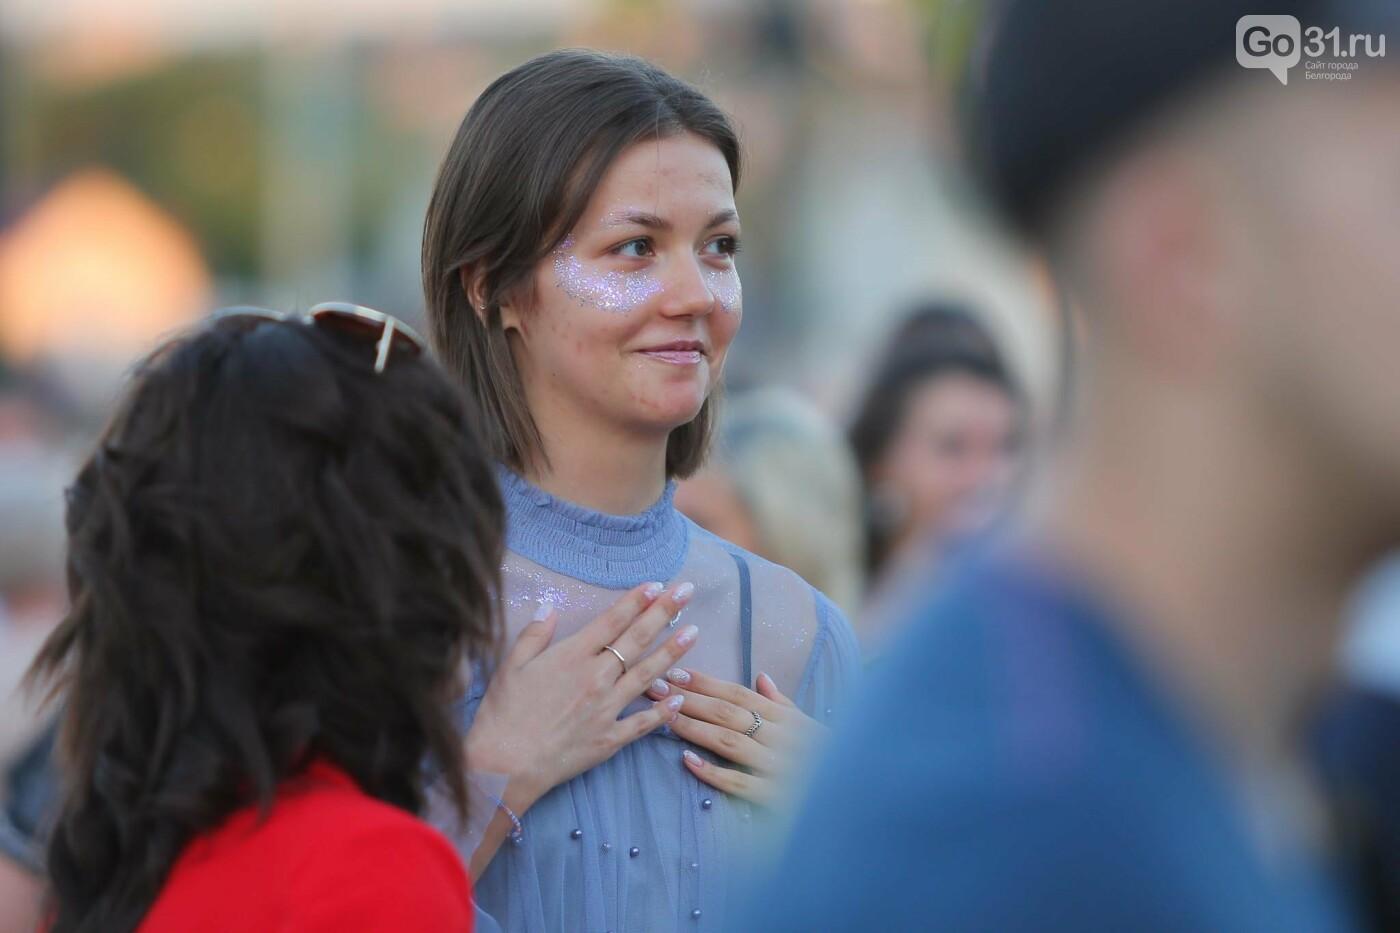 Общегородской школьный выпускной в Белгороде. Фоторепортаж, фото-14, Фото: Антон Вергун